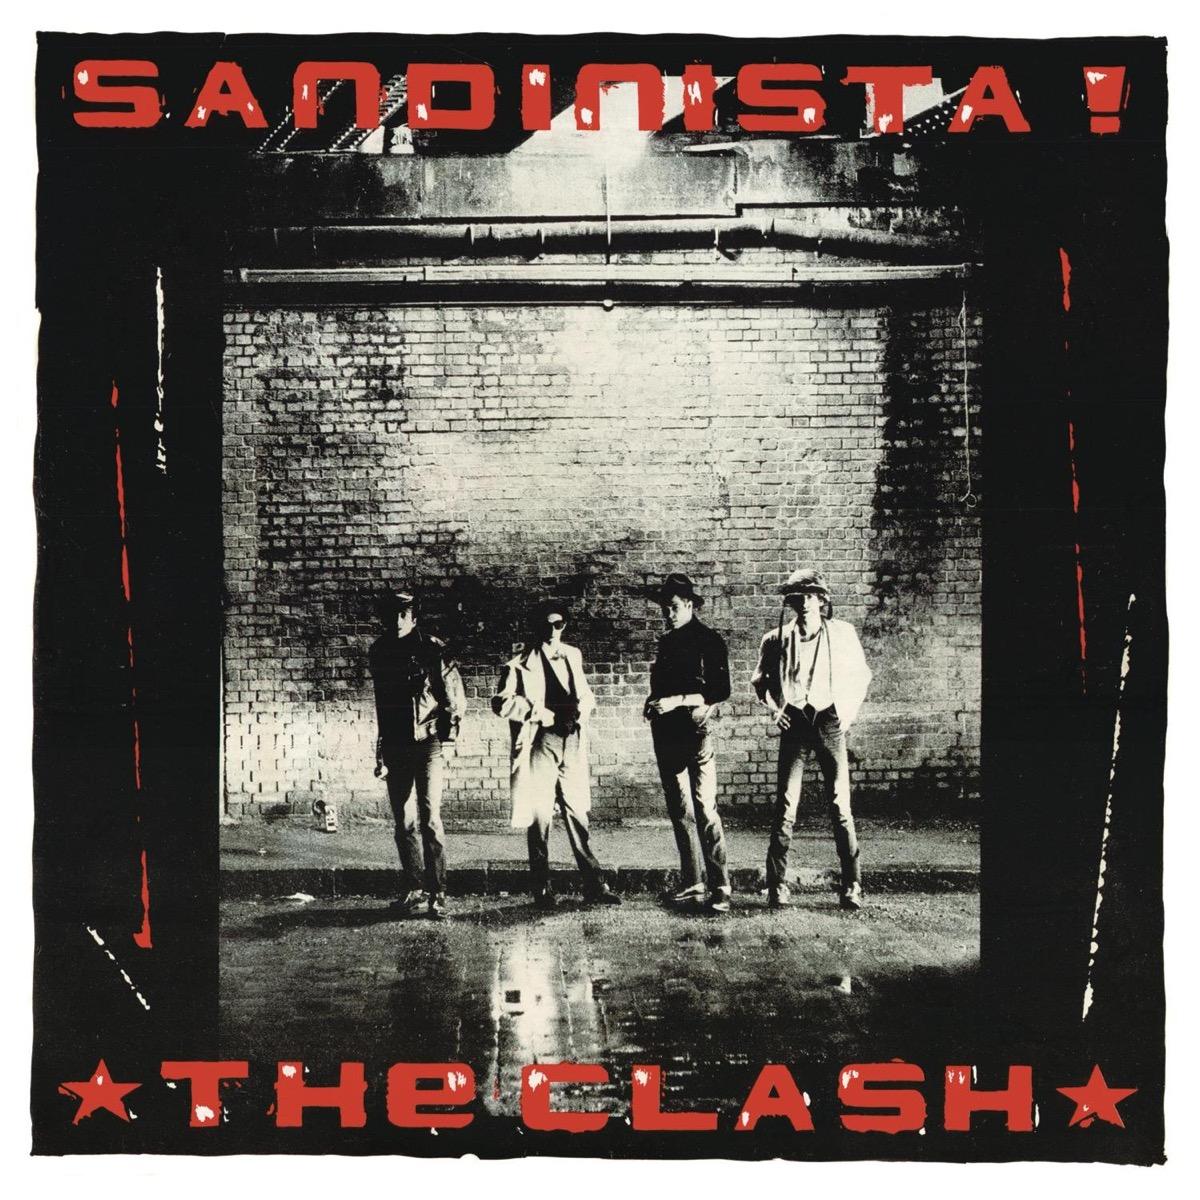 """The Clash """"Sandinista!"""" Album Cover"""